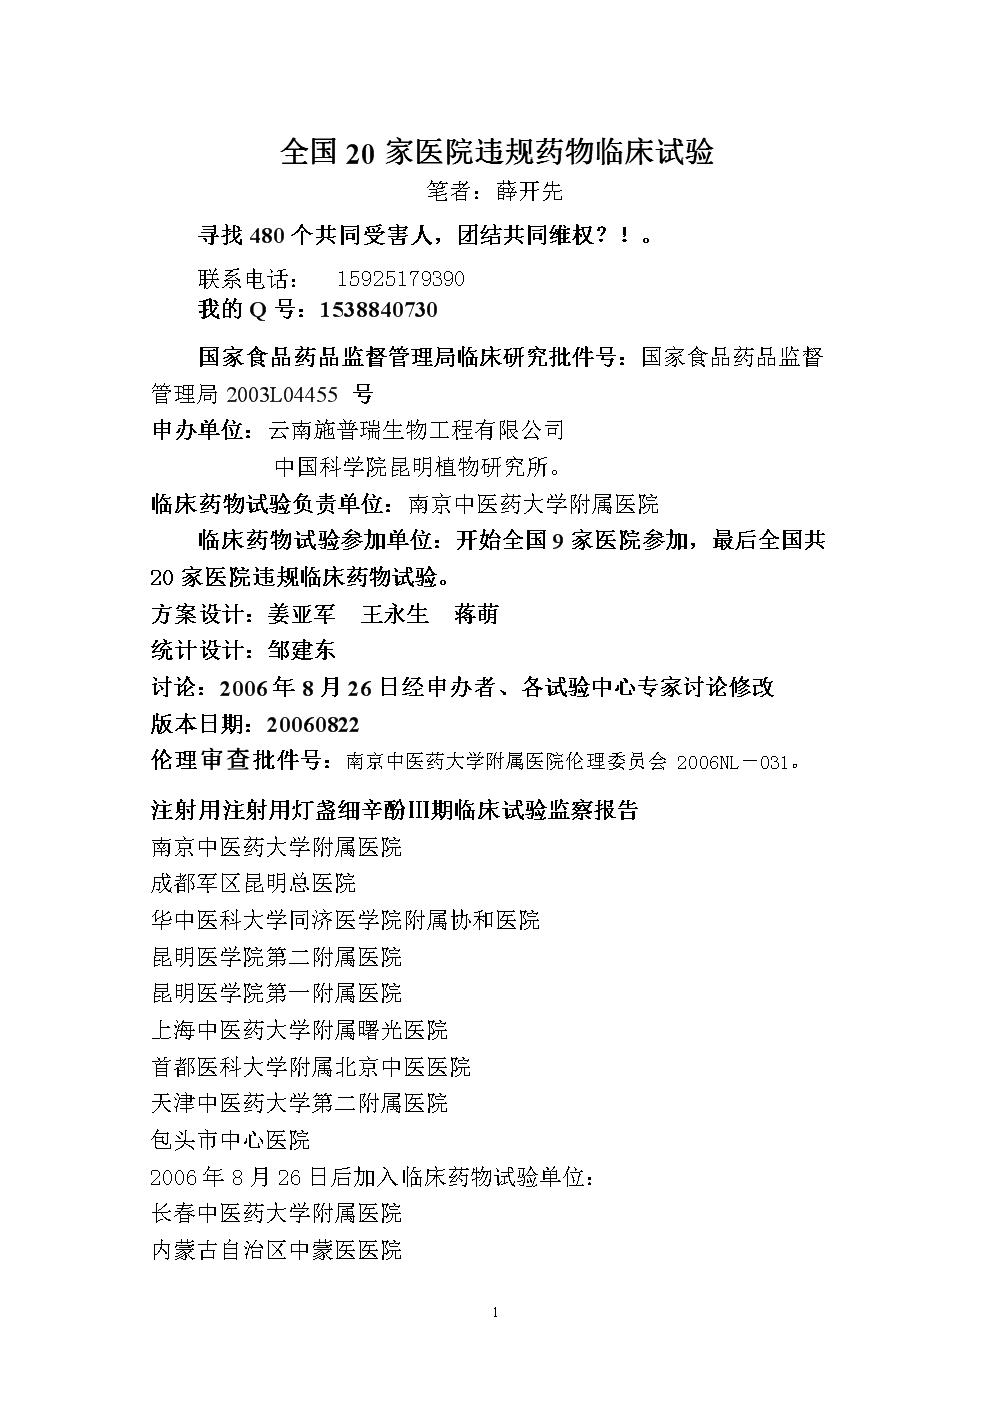 全国共20家医院违规临床药物试验.doc